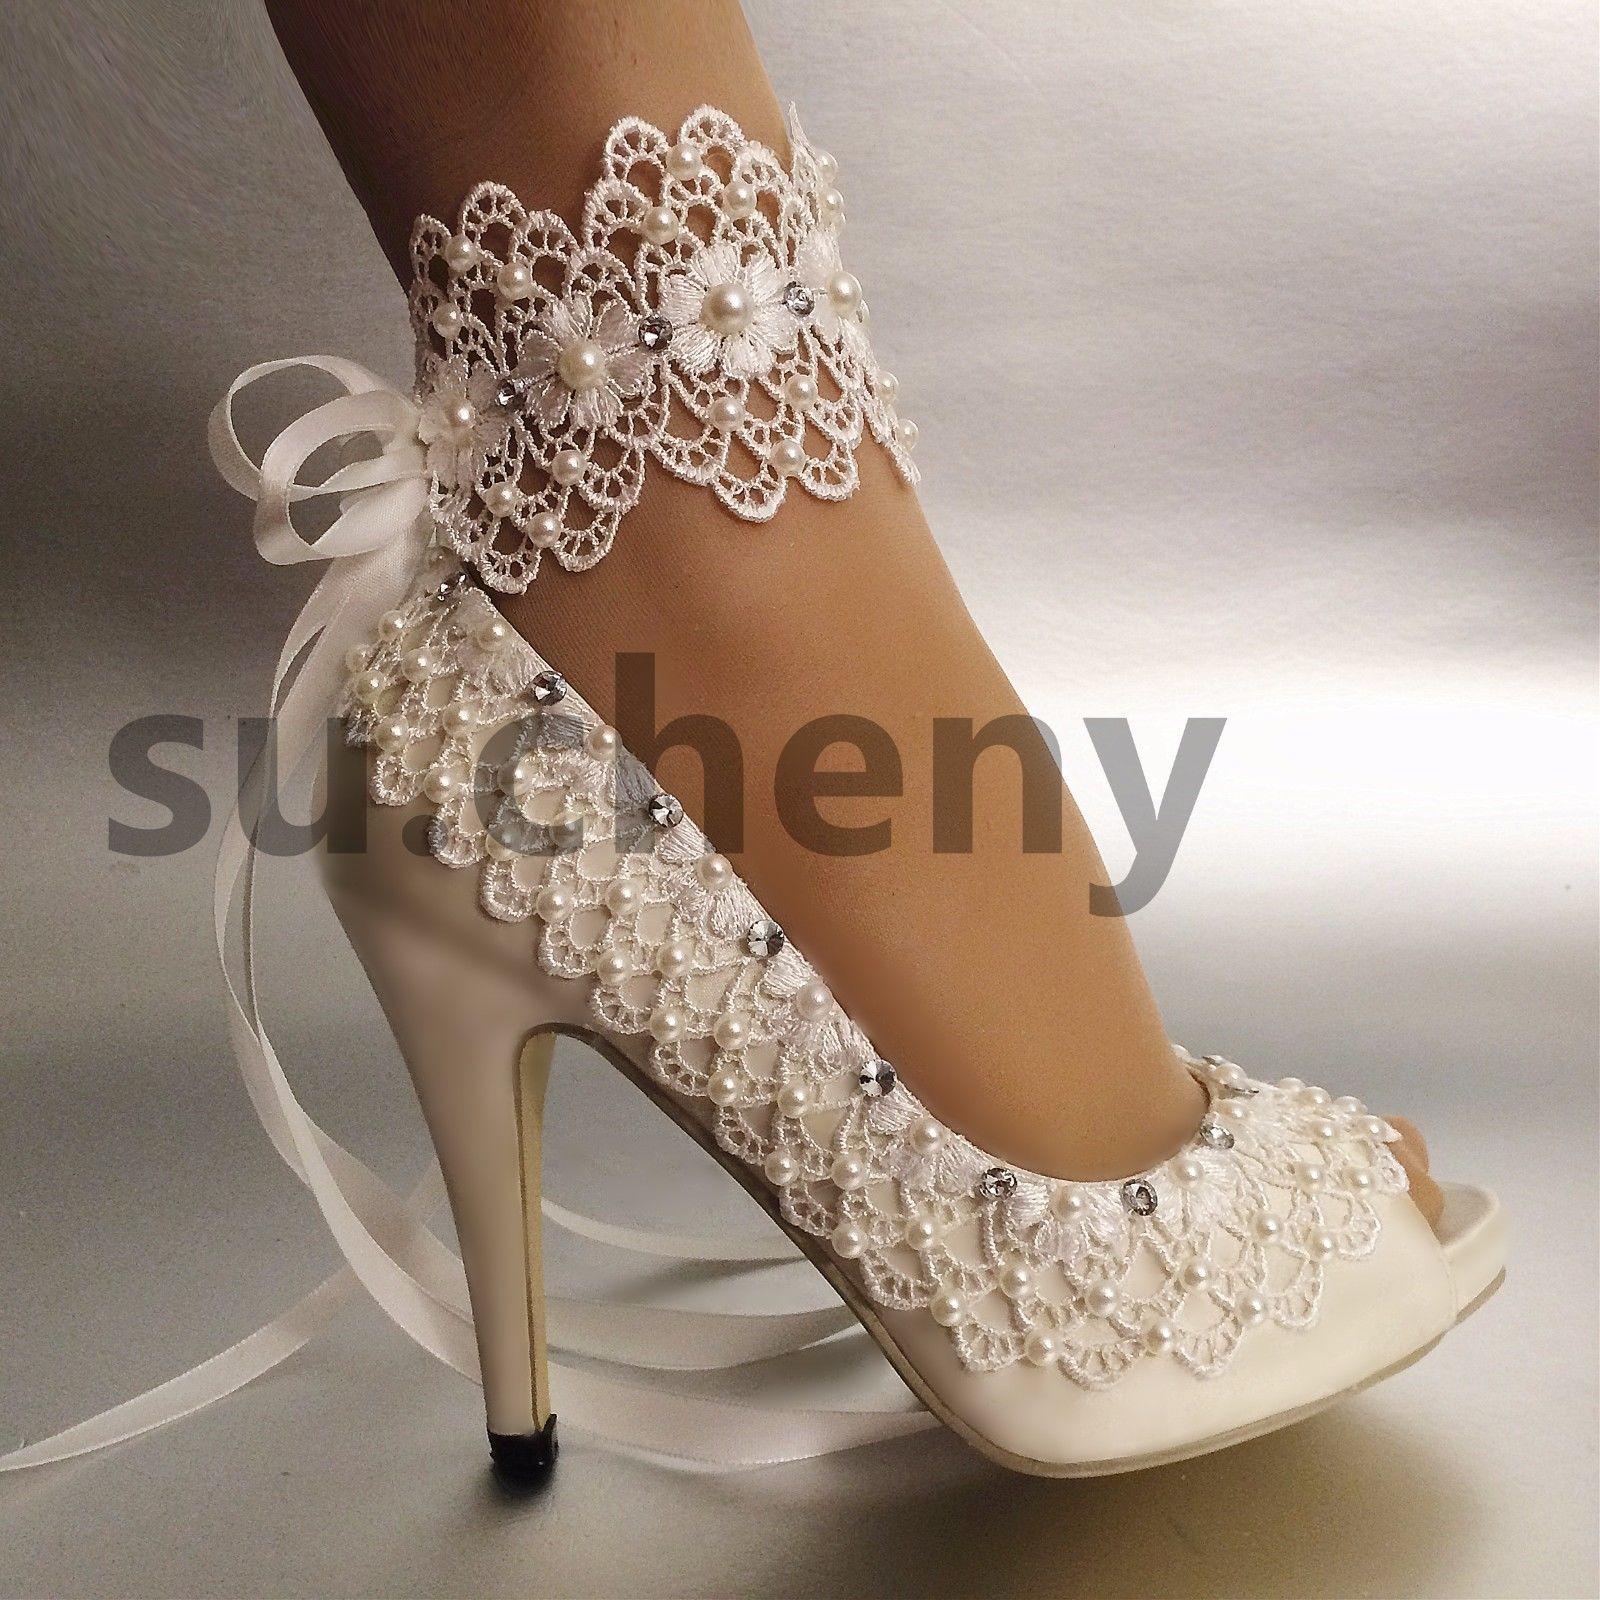 Su Cheny Open Toe 3 4 Heel Satin White Ivory Lace Anklet Wedding Bridal Shoes Ebay Wedding Shoes Lace Italian Wedding Shoes Wedding Shoes Bride